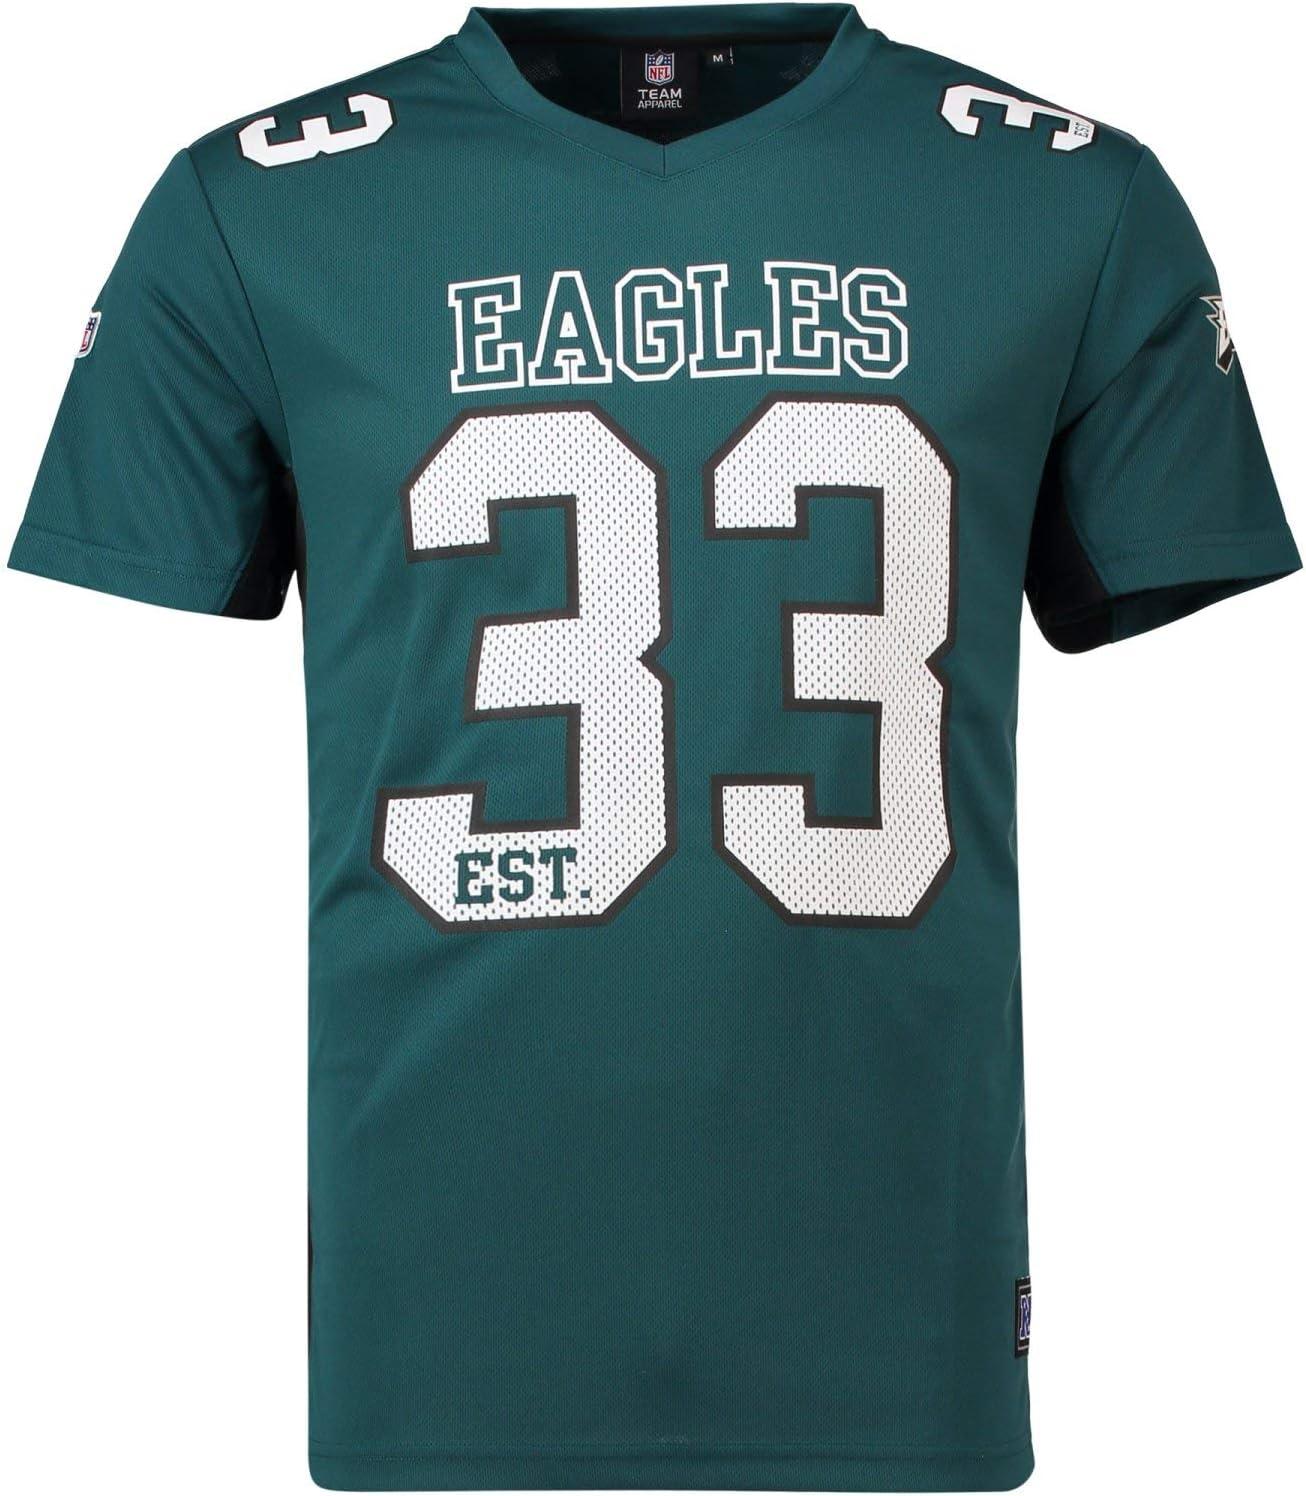 NFL Philadelphia Eagles T-Shirt Green